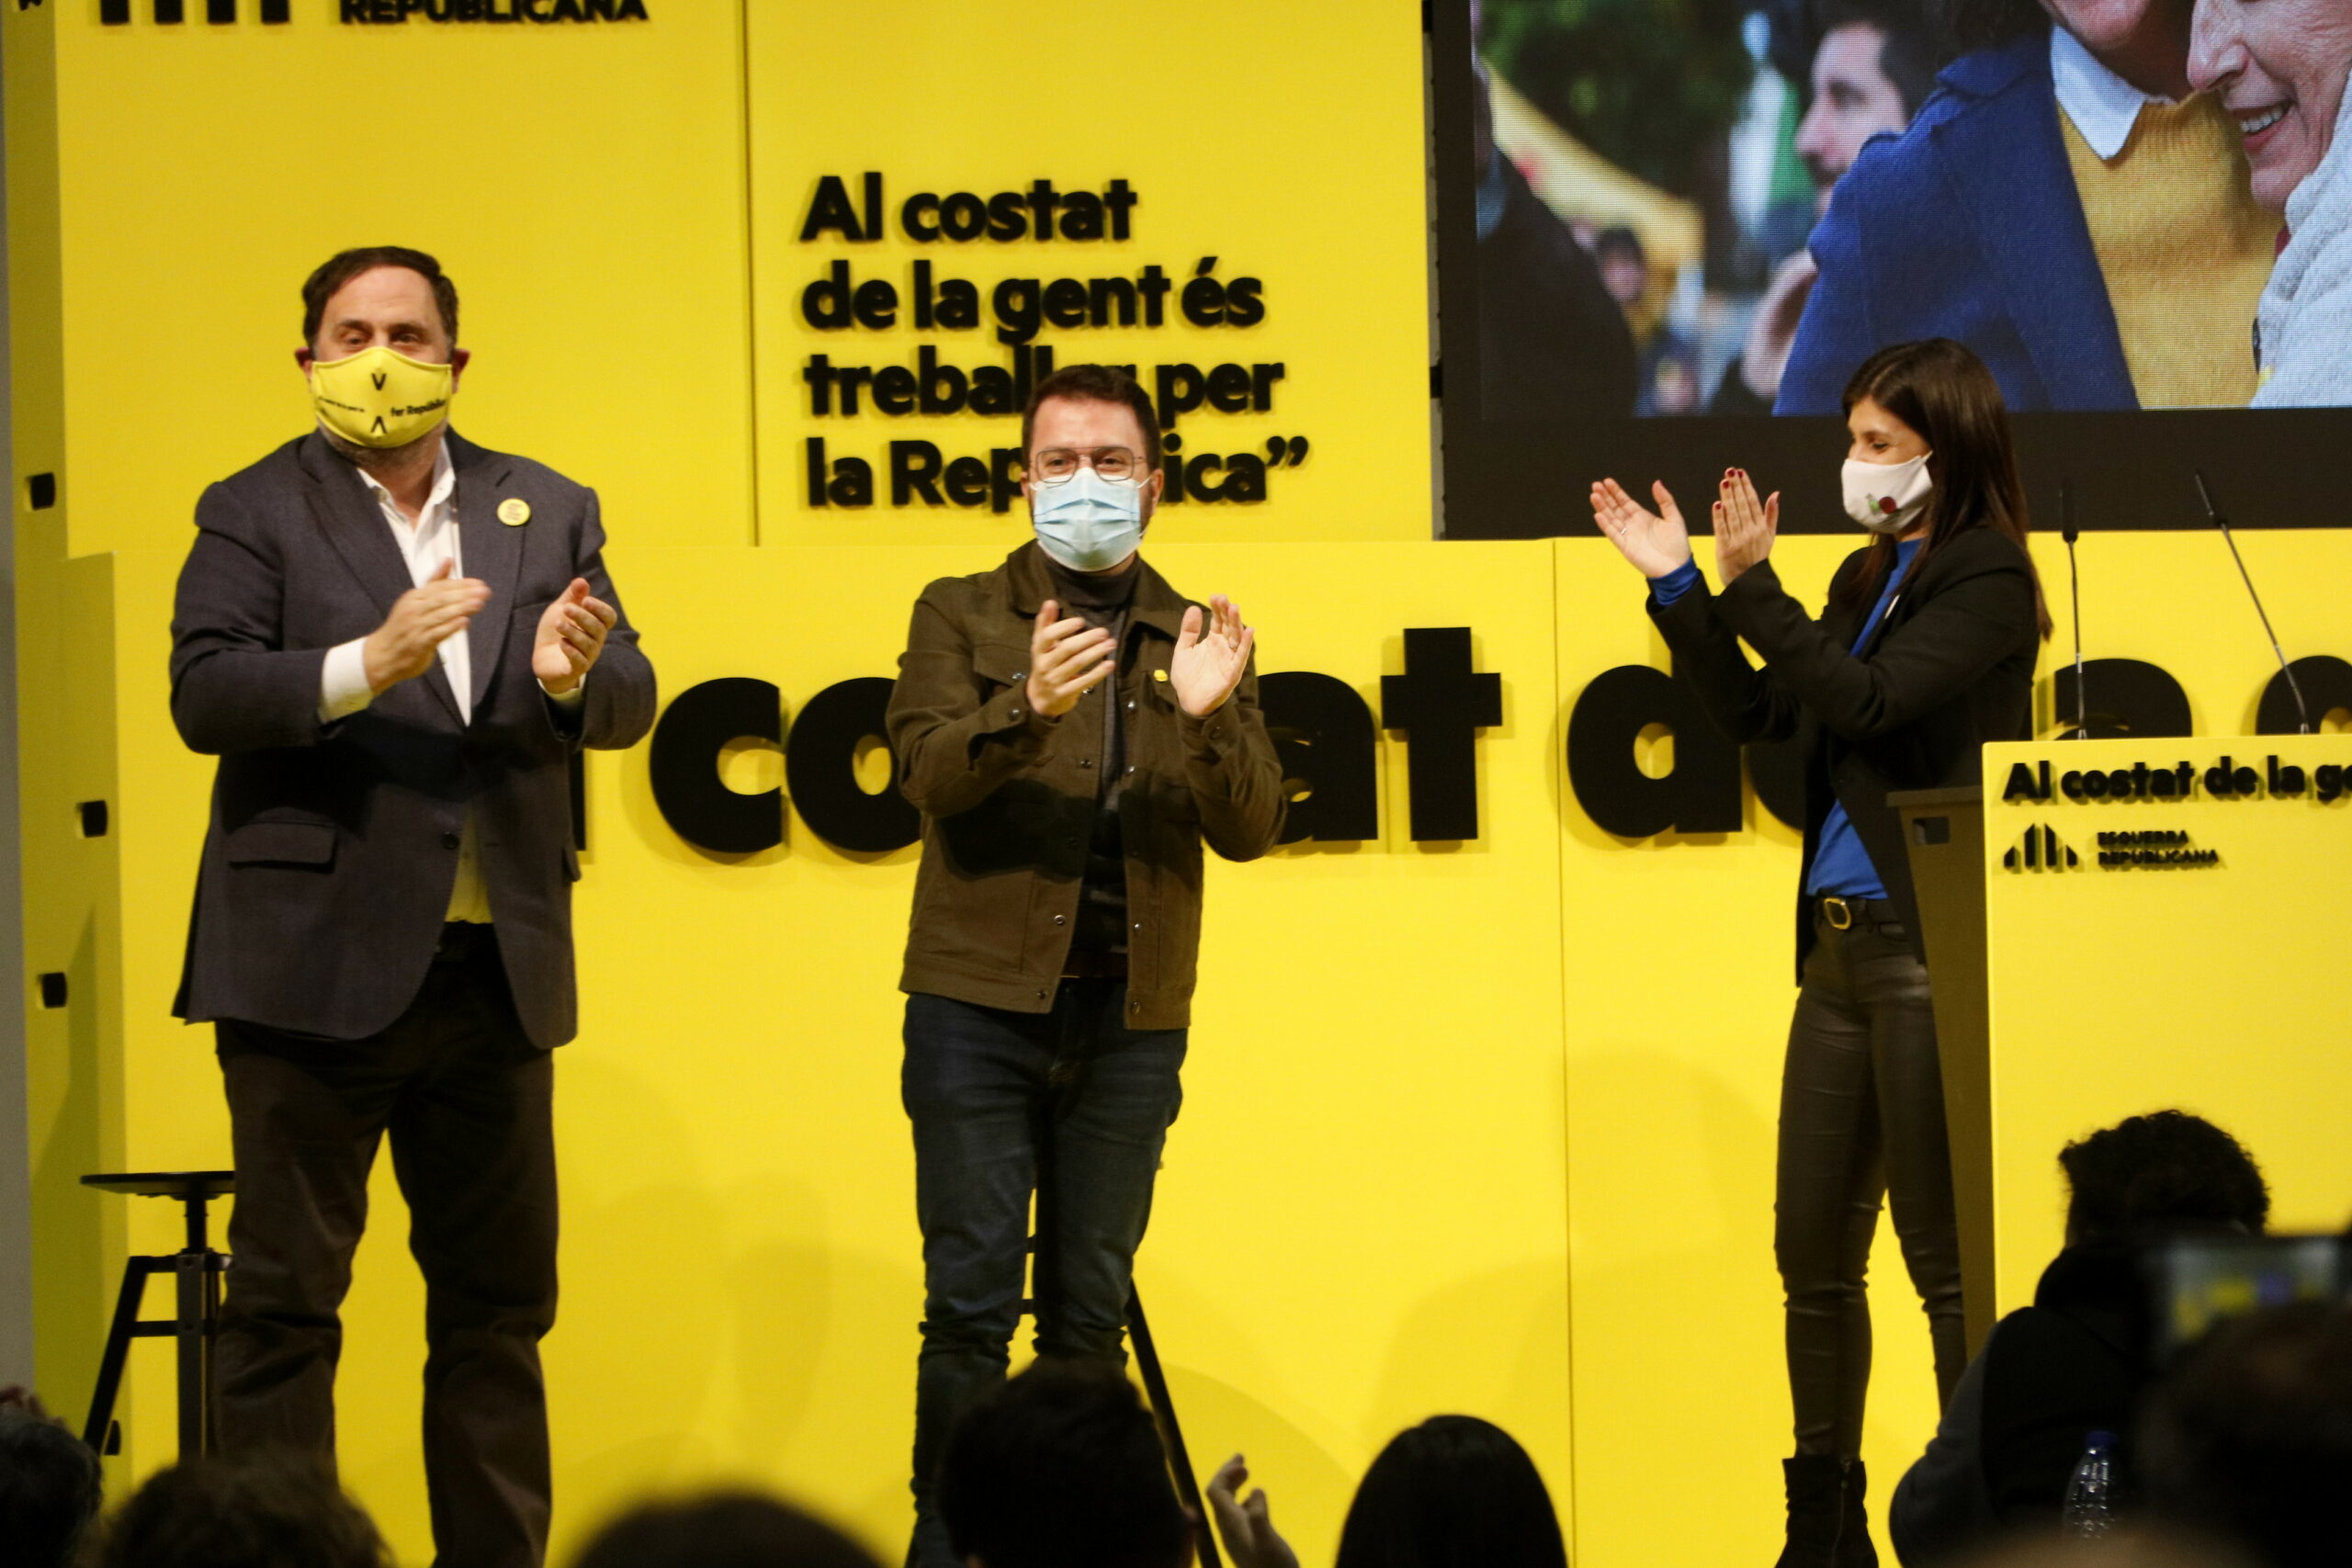 El president d'ERC, Oriol Junqueras, el cap de llista d'ERC per Barcelona, Pere Aragonès, i la cap de llista per Lleida Marta Vilalta en un míting a Lleida | ACN